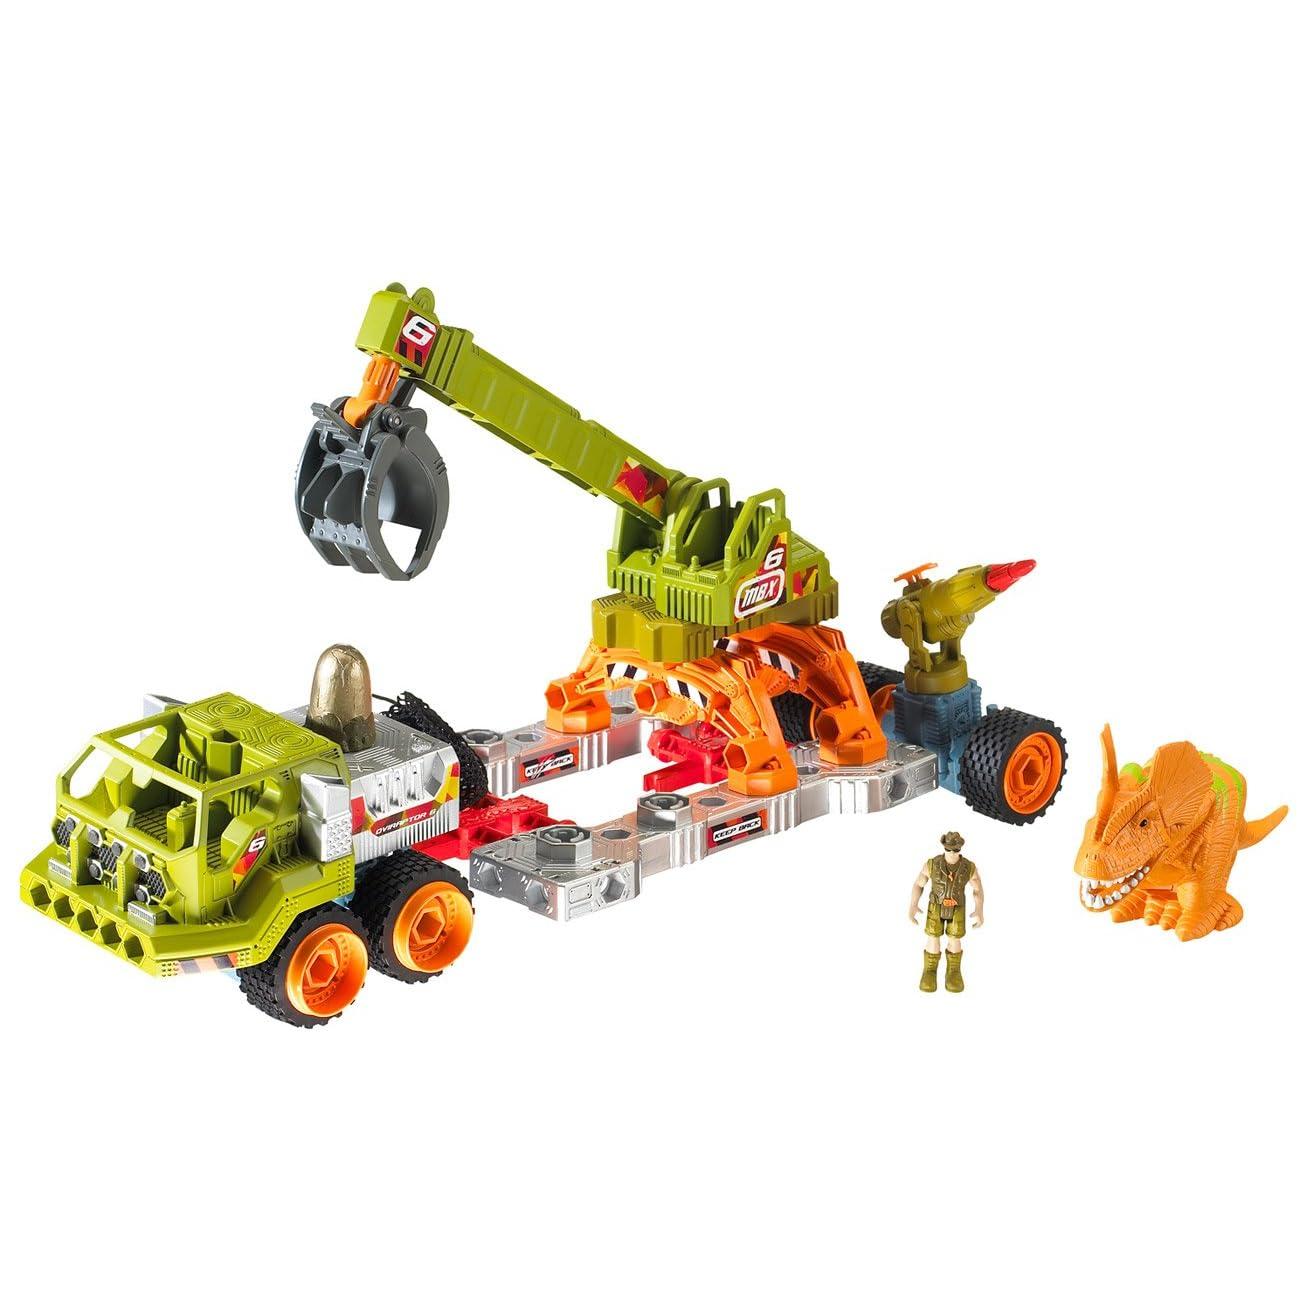 Dinosaur Hunter Truck Matchbox